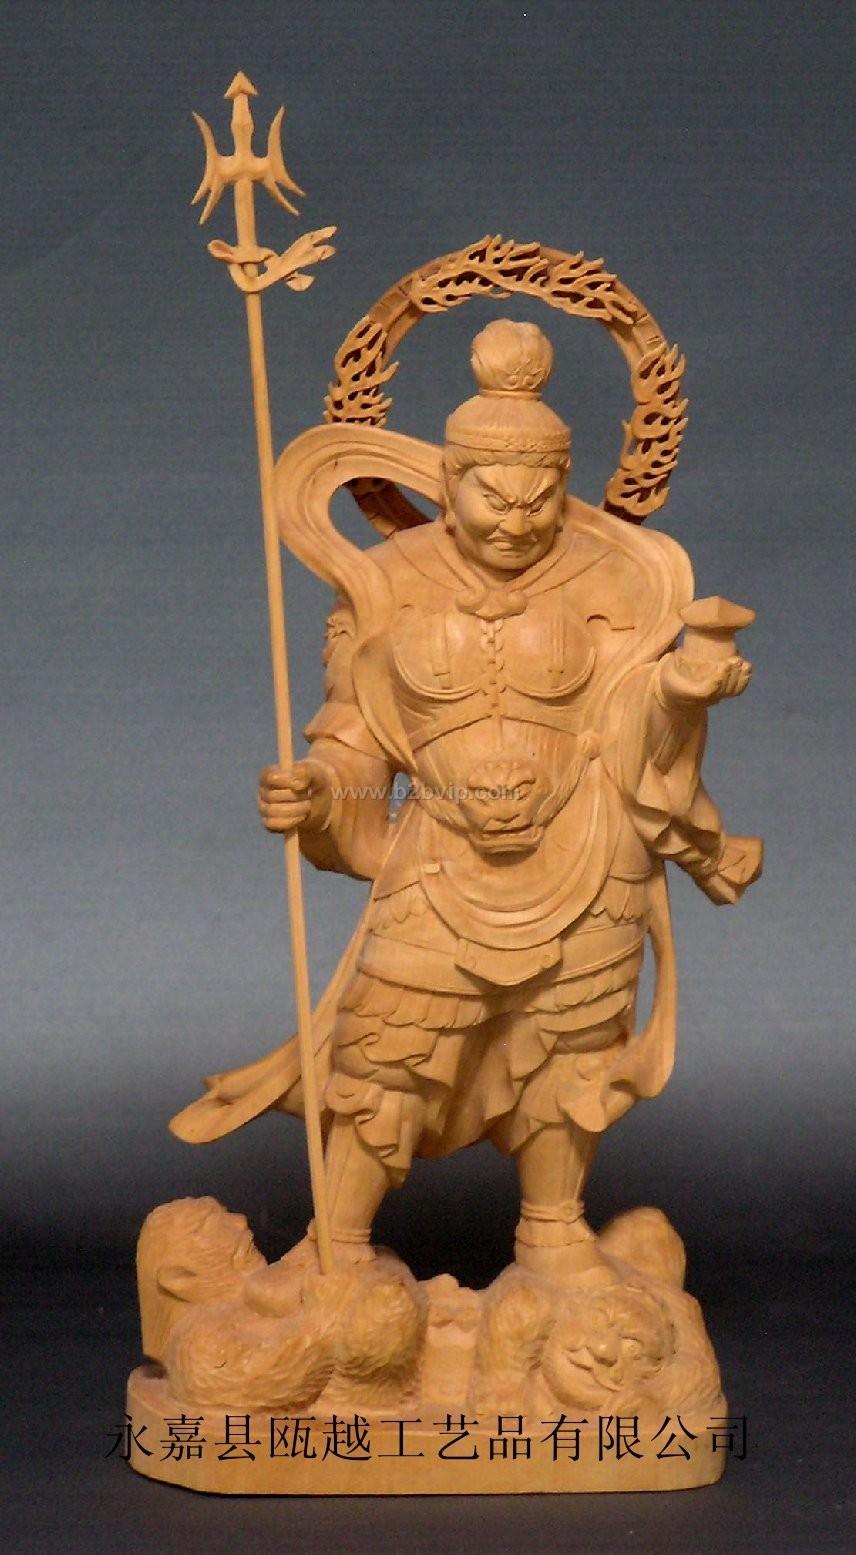 毗沙门天(天名)Vaiśrava&ndotblw;a,又云多闻天。四天王中毗沙门天之王也。在佛教中为护法之天神。兼施福之神性。法华义疏云:此天恒护如来道场而闻法,故名多闻天。于胎藏界曼荼罗在外金刚部院北方之门侧,于金刚界曼荼罗位于西方,夜叉主也。此天与吉祥天,从古神话时代常相关连而为夫妻,于日本台密,如欢喜天有双身毗沙门法,但双身者,皆男天也。其形像有多种。胎藏界曼荼罗之像,着甲胄,左掌有塔,右持宝棒,坐像也。或传有为立像者。